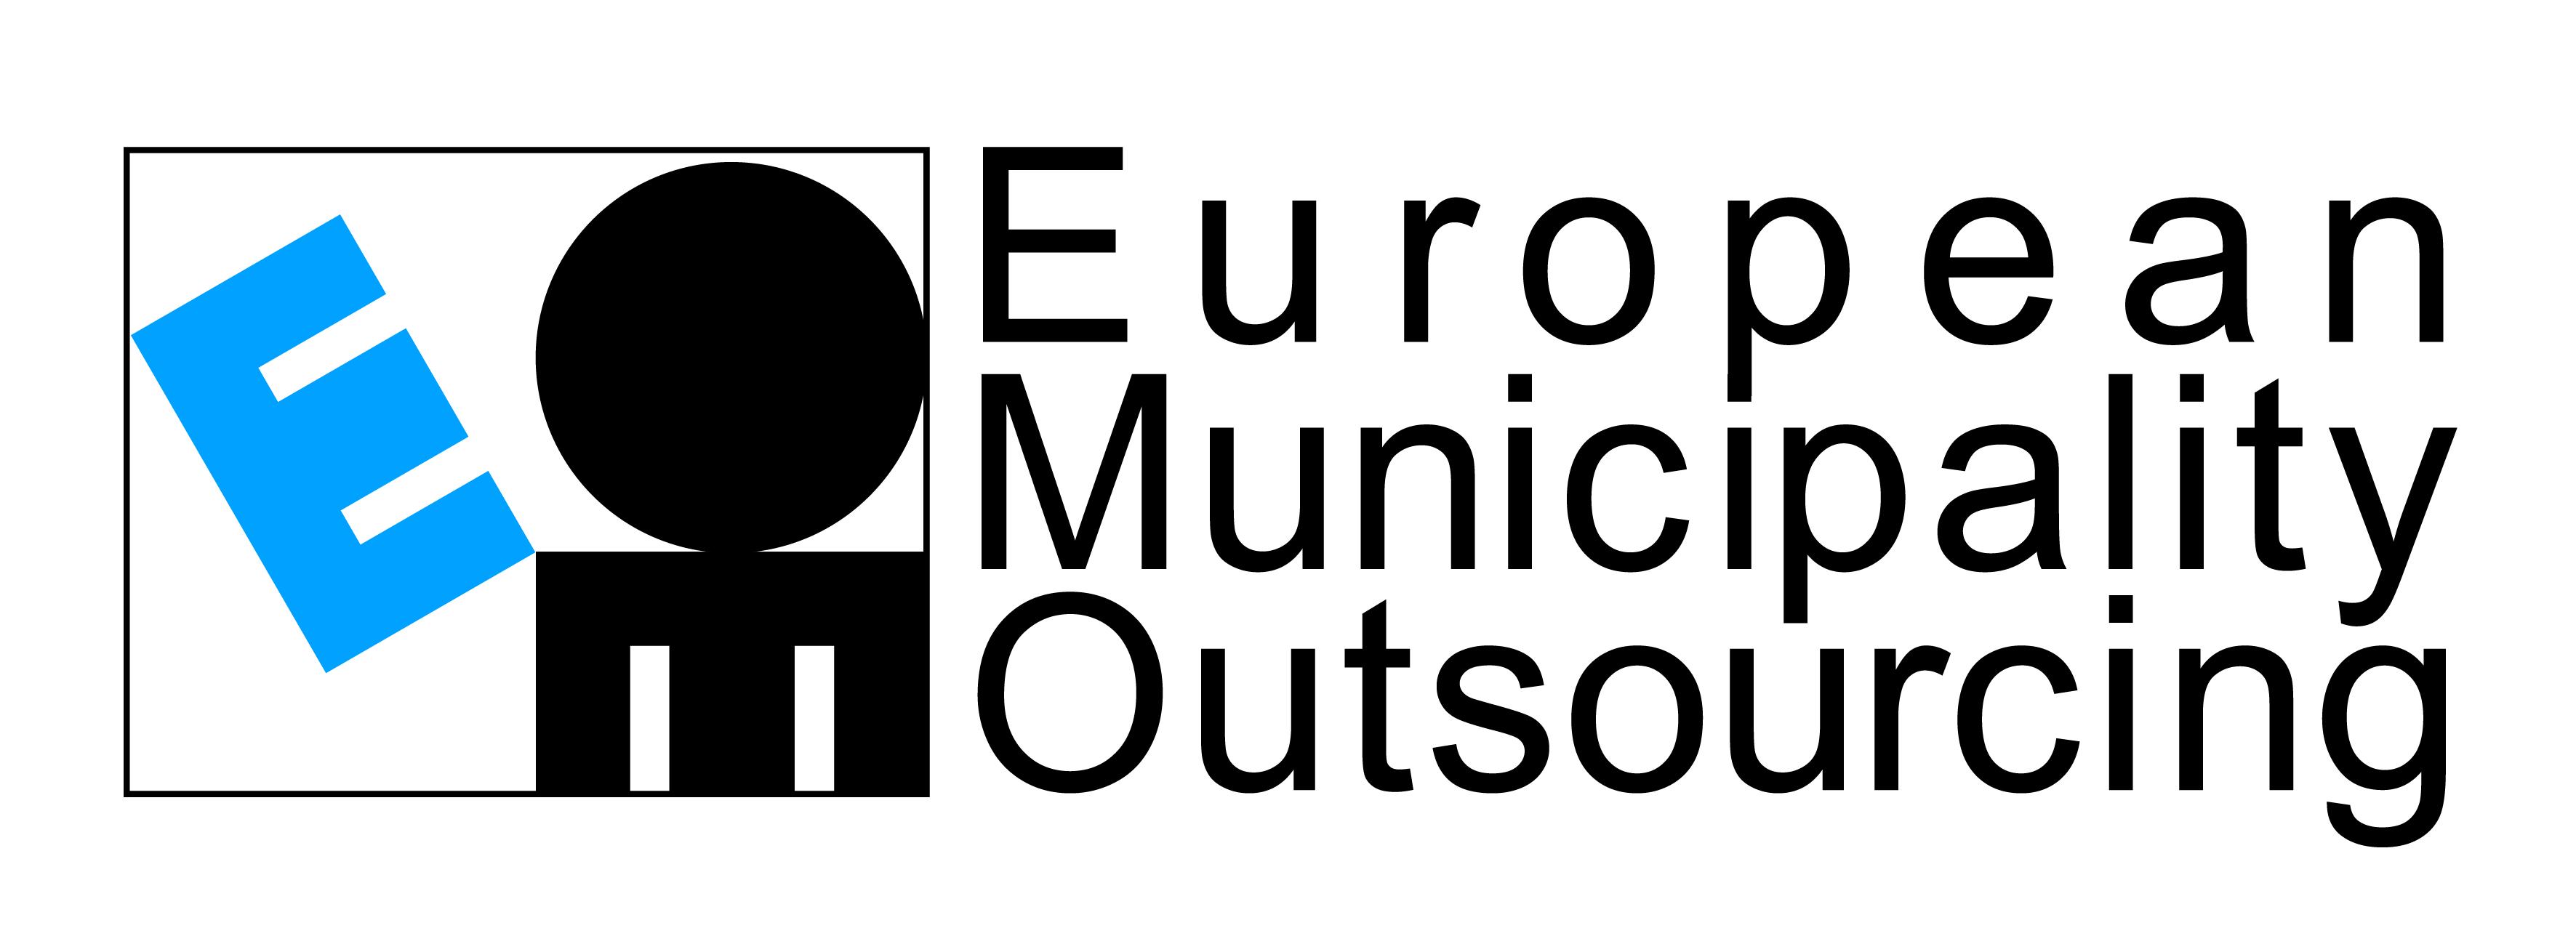 logo-emo_nero-turchese_scrtitta_ok-01